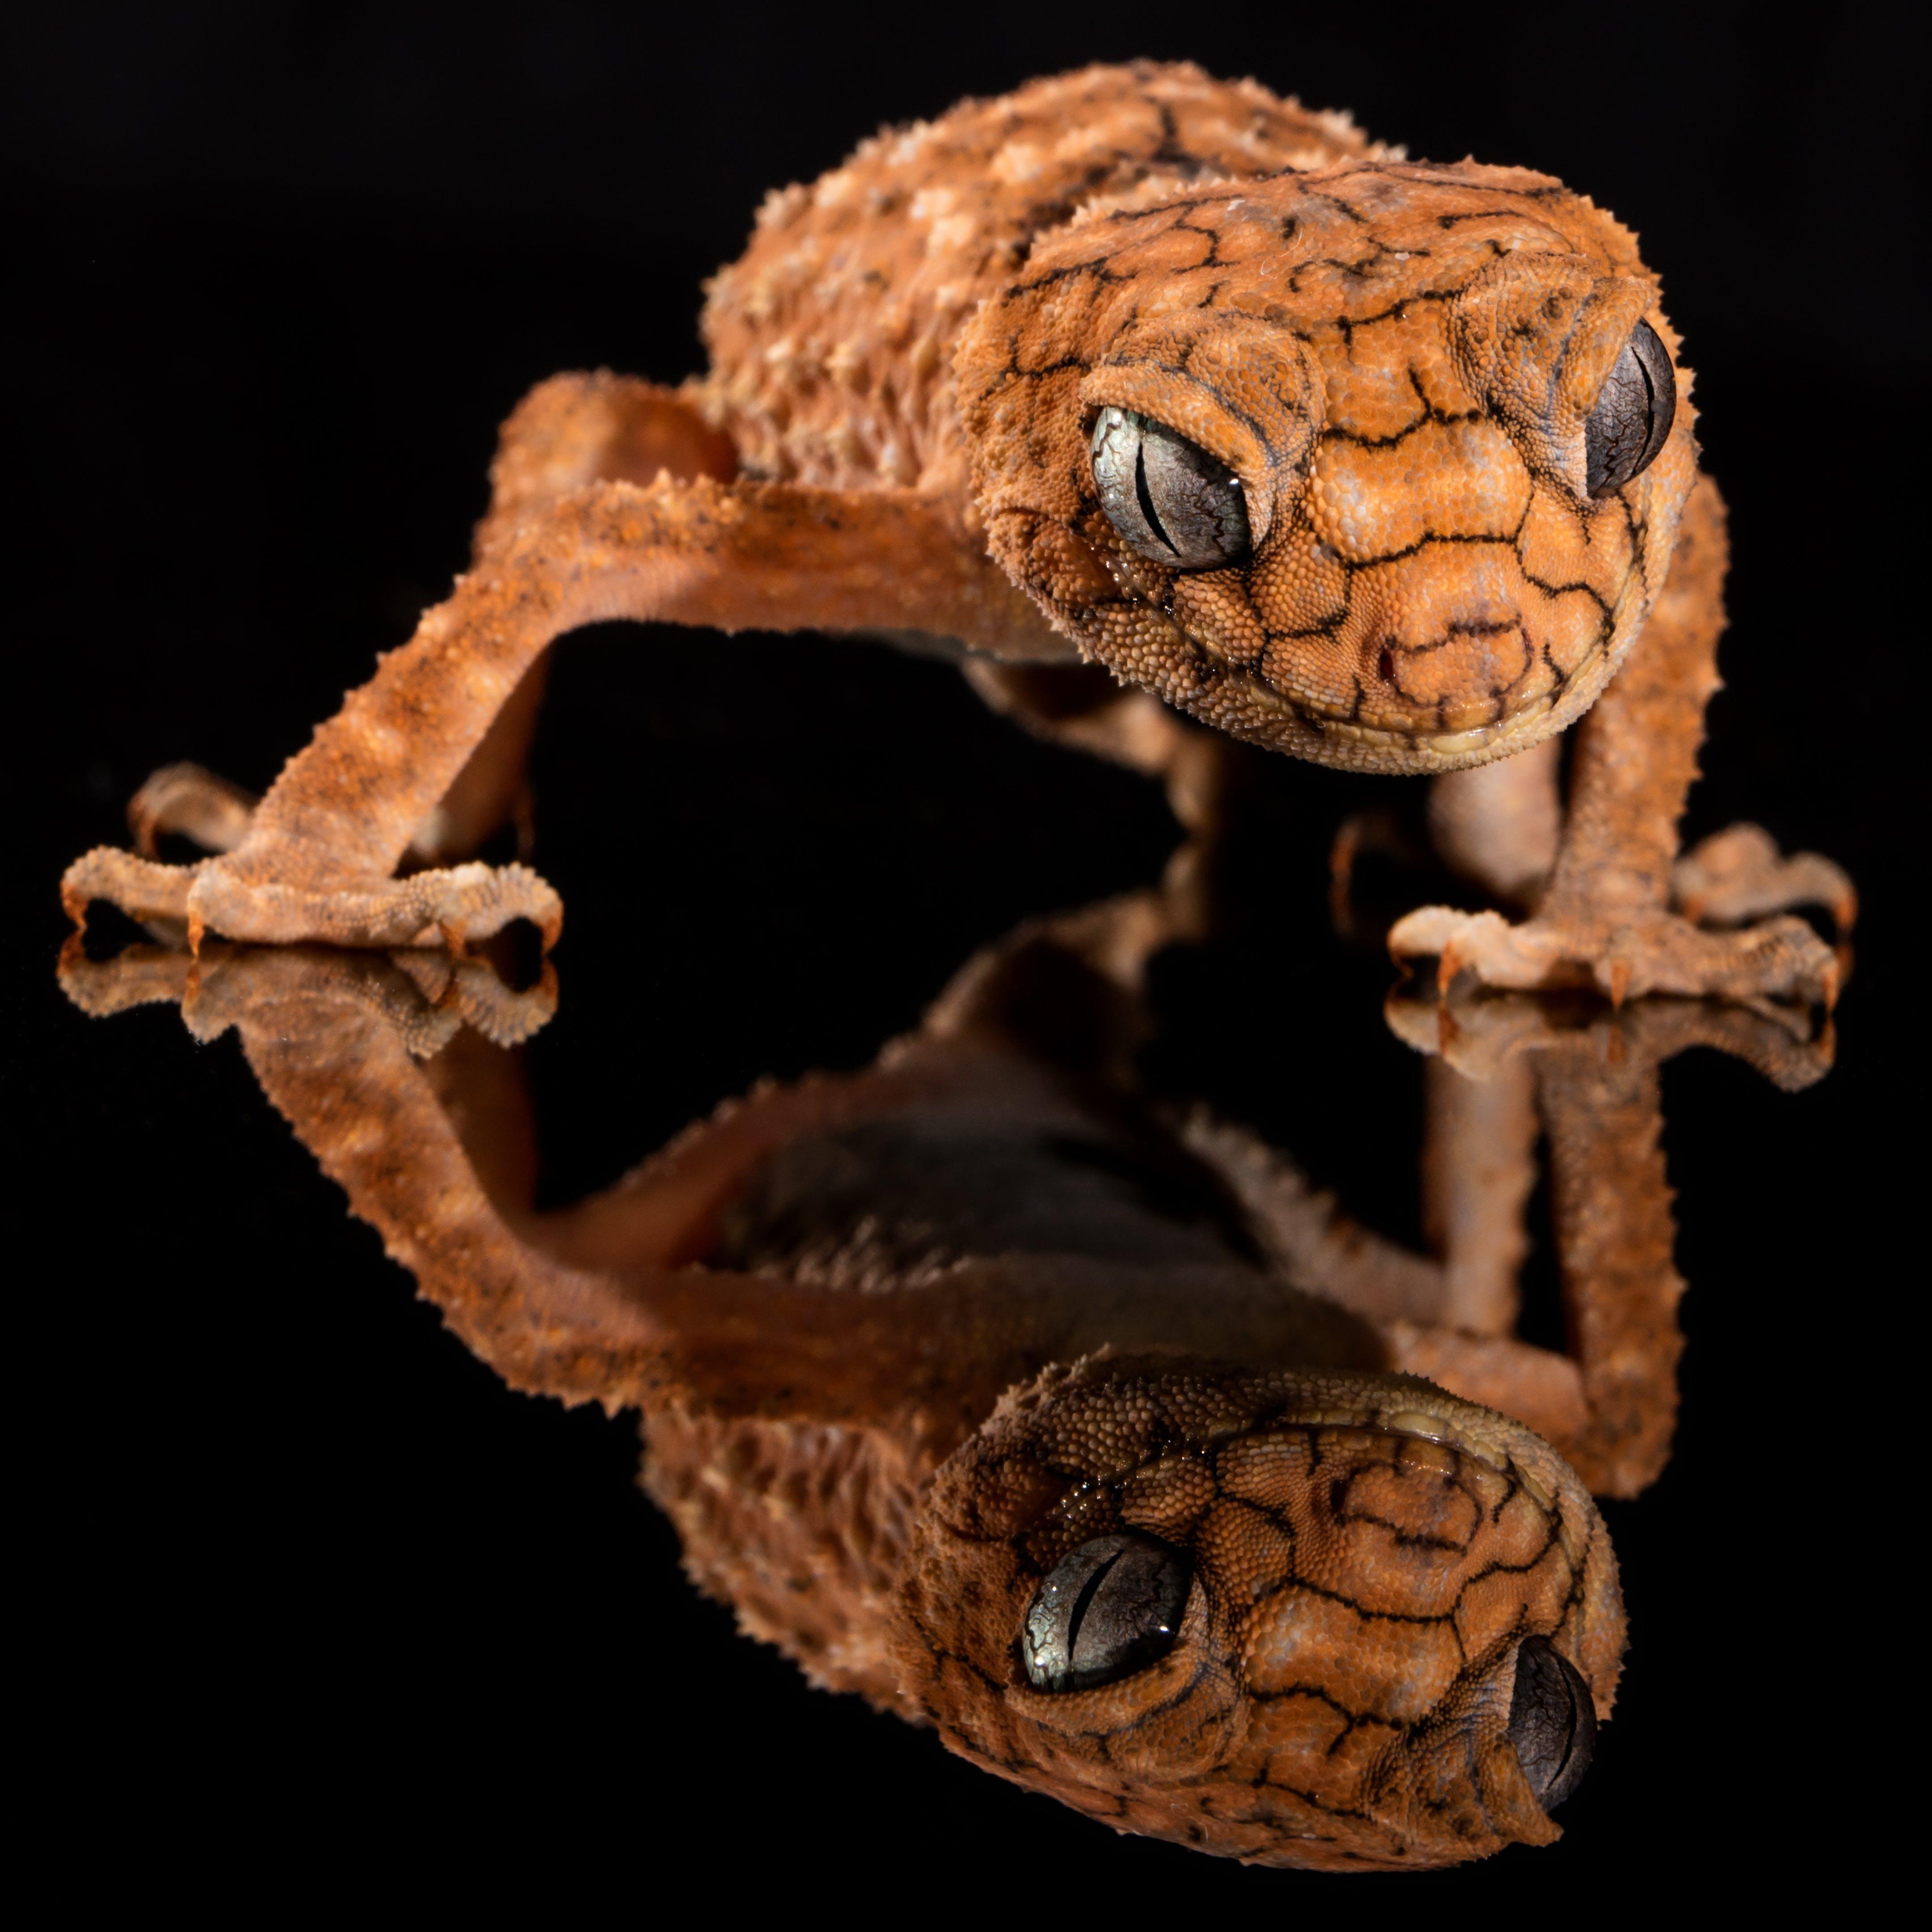 Brown Lizard's Image Reflecting on Floor